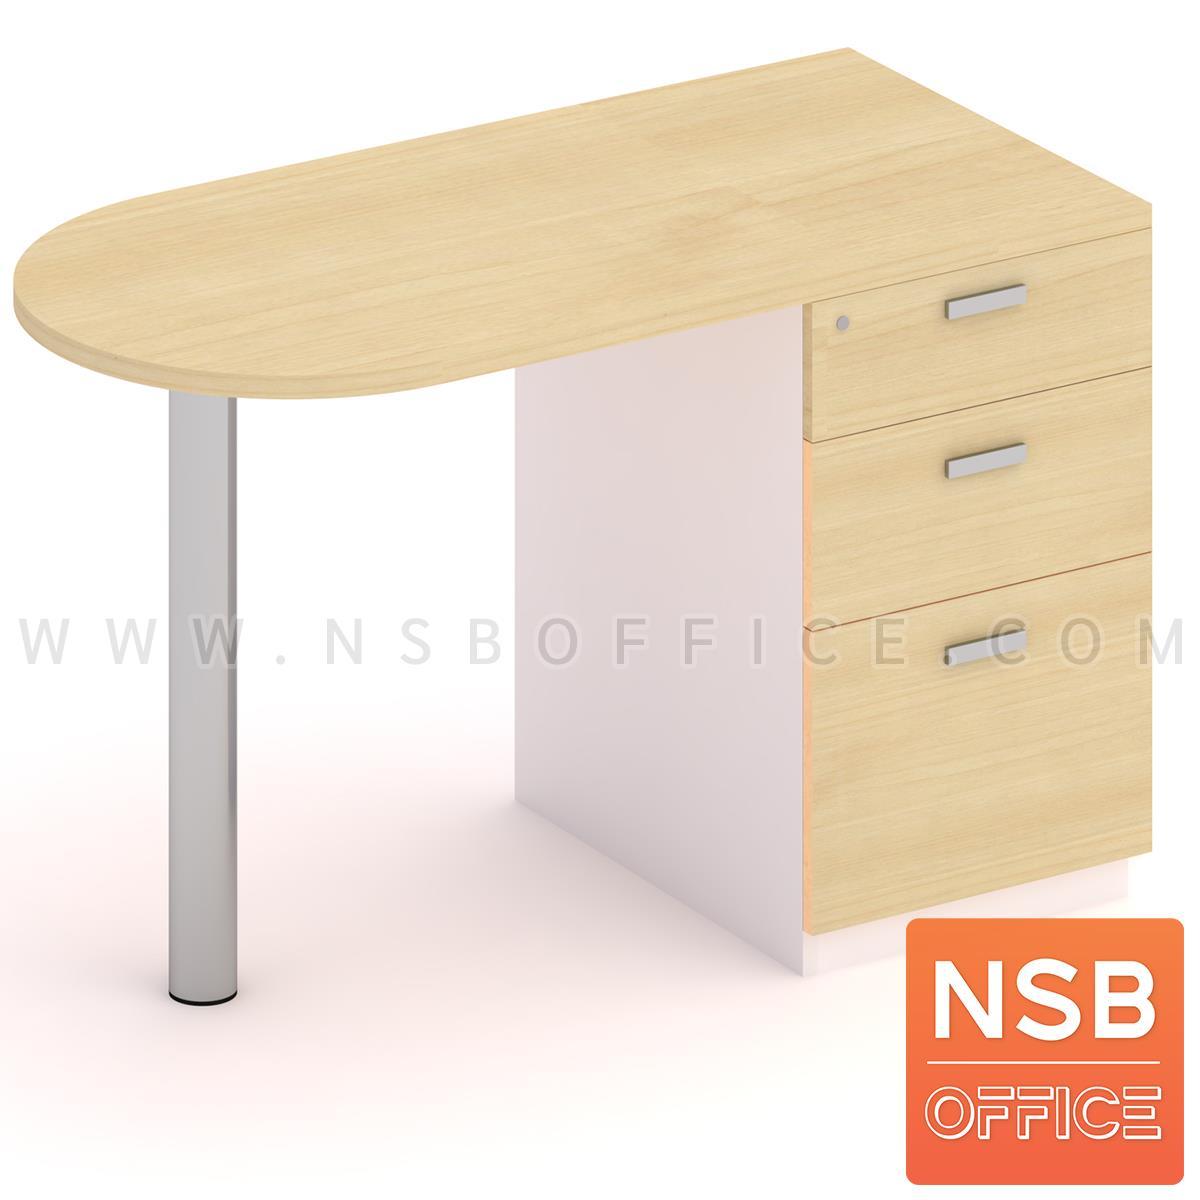 โต๊ะทำงาน โต๊ะตรวจหัวโค้ง 3 ลิ้นชัก รุ่น Cera (เซร่า) ขนาด 120W, 150W cm. ขาเหล็กกลม